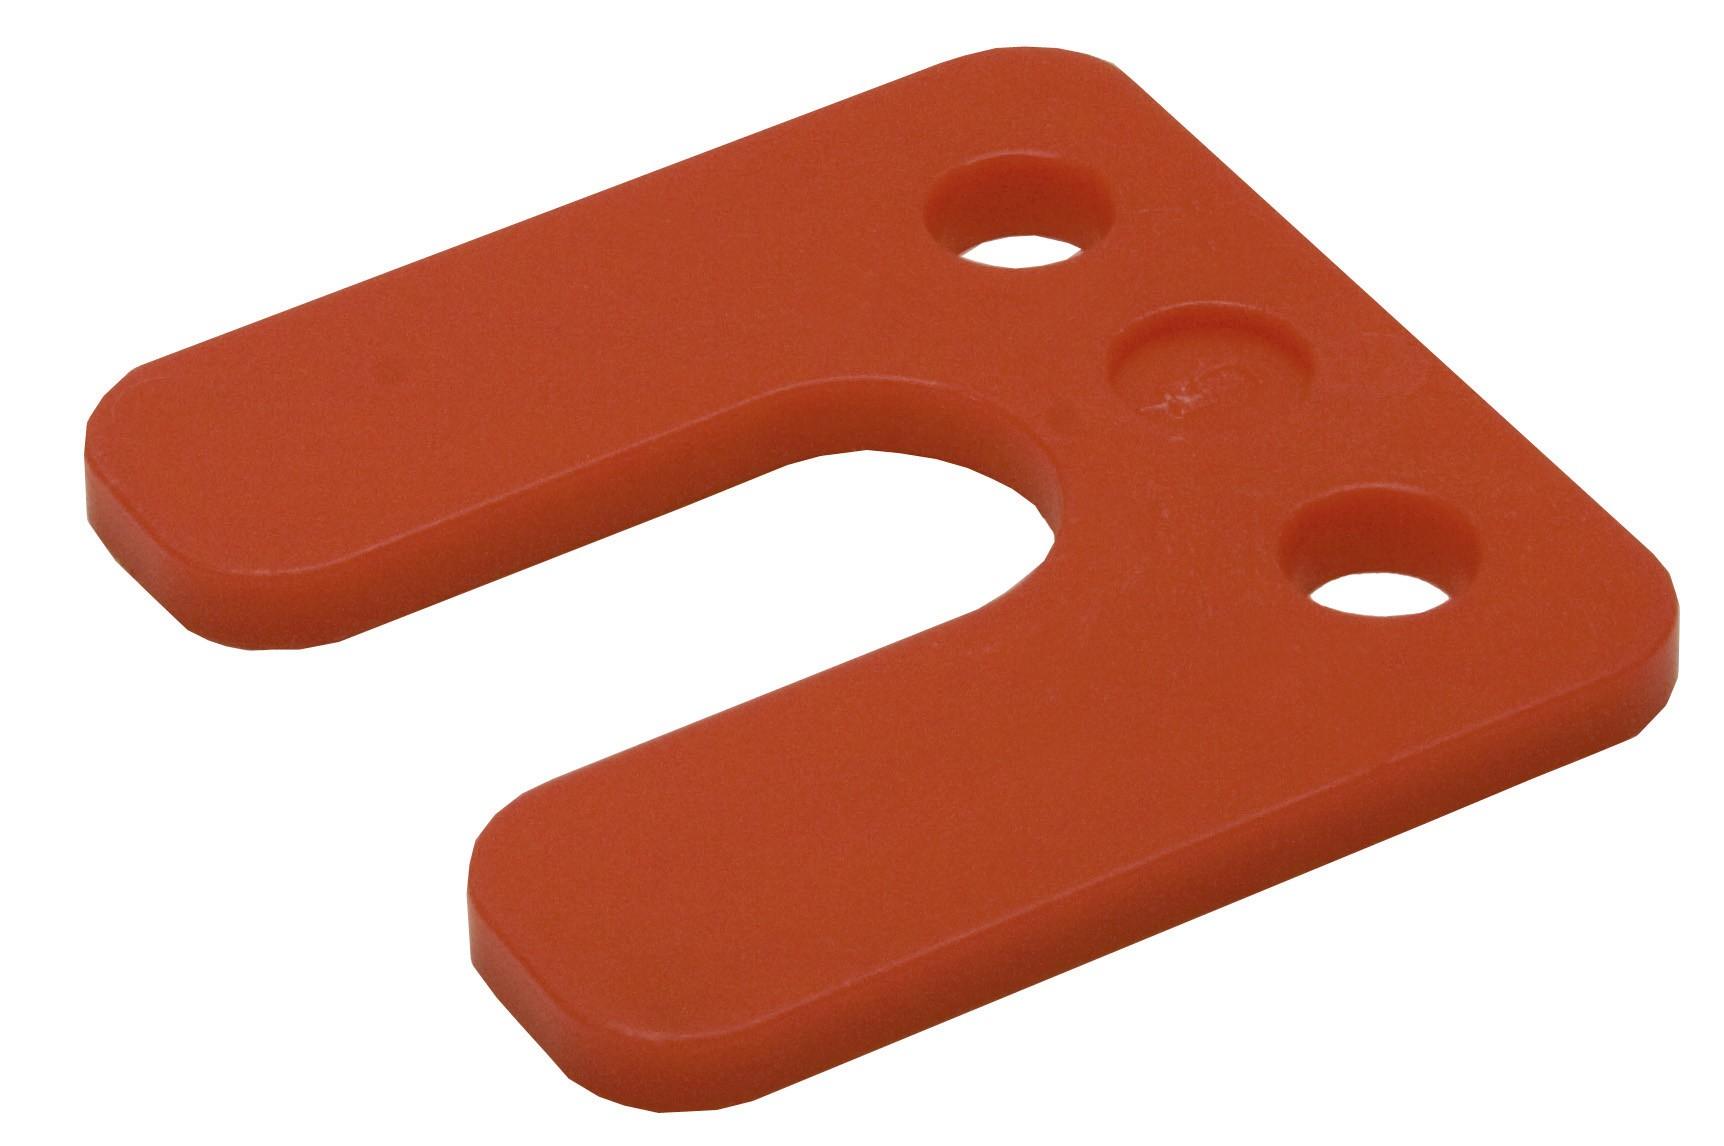 Drukplaat met sleuf rood 5 70x70 KS